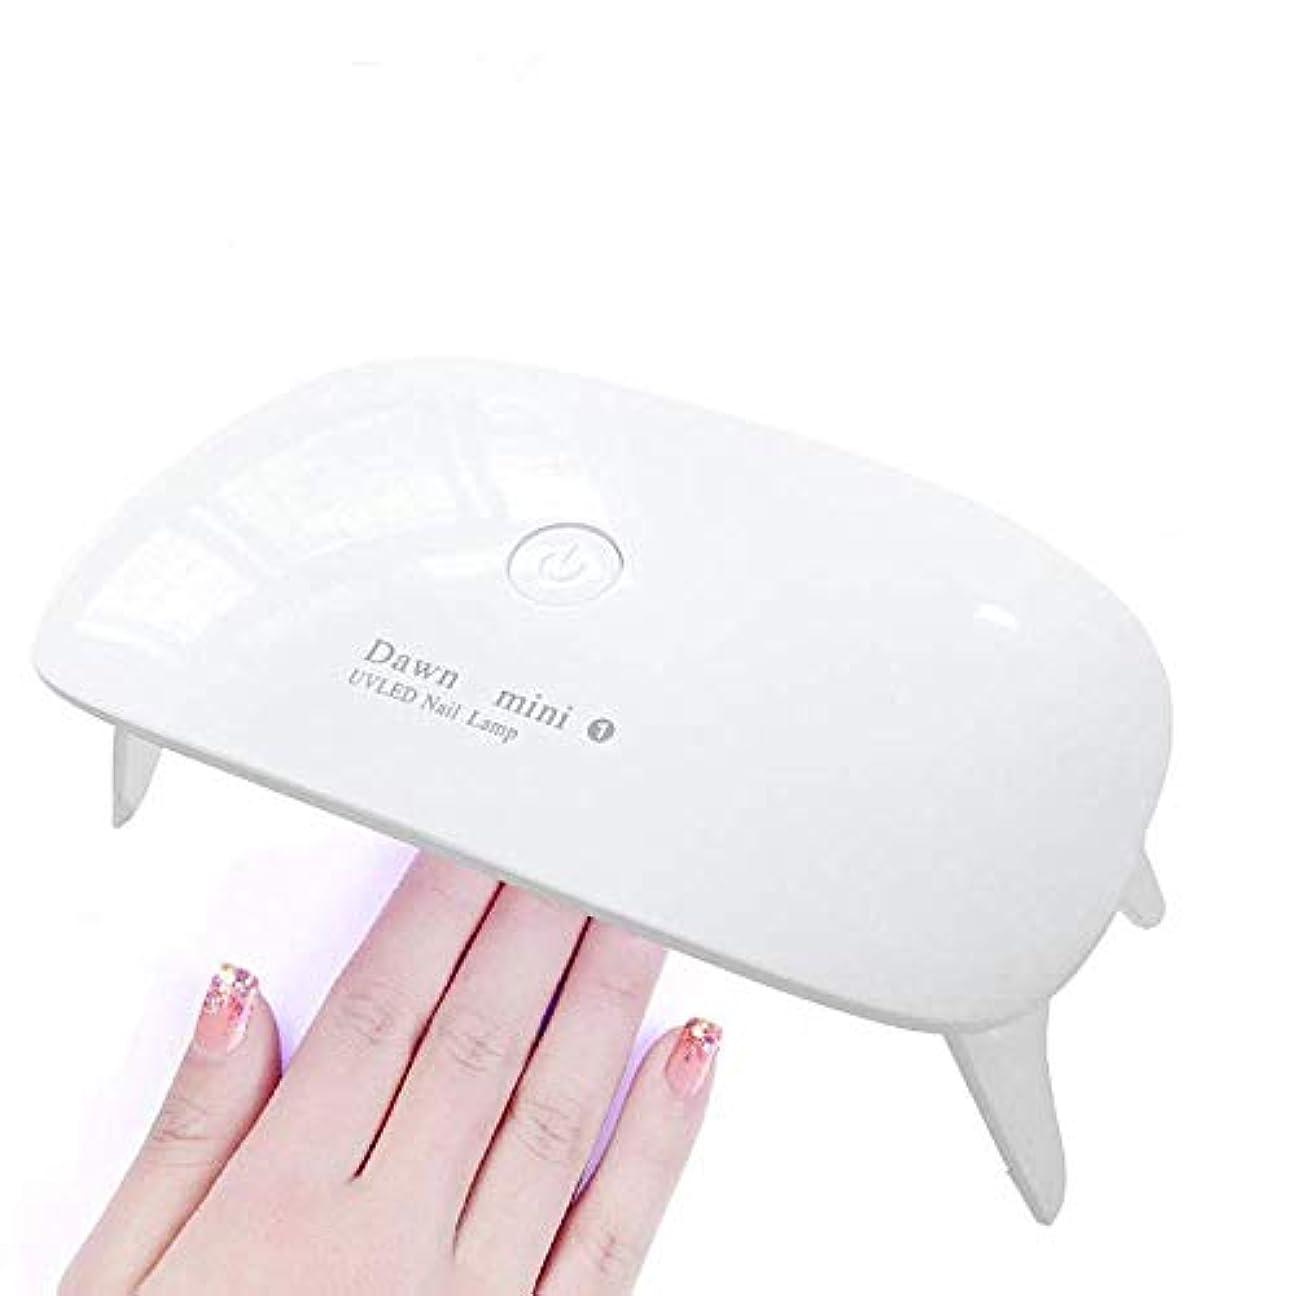 配るバース患者LEDネイルドライヤー UVライト LED 硬化ライト タイマー設定可能 折りたたみ式手足とも使える UV と LEDダブルライト ジェルネイル と uvライト レジン用